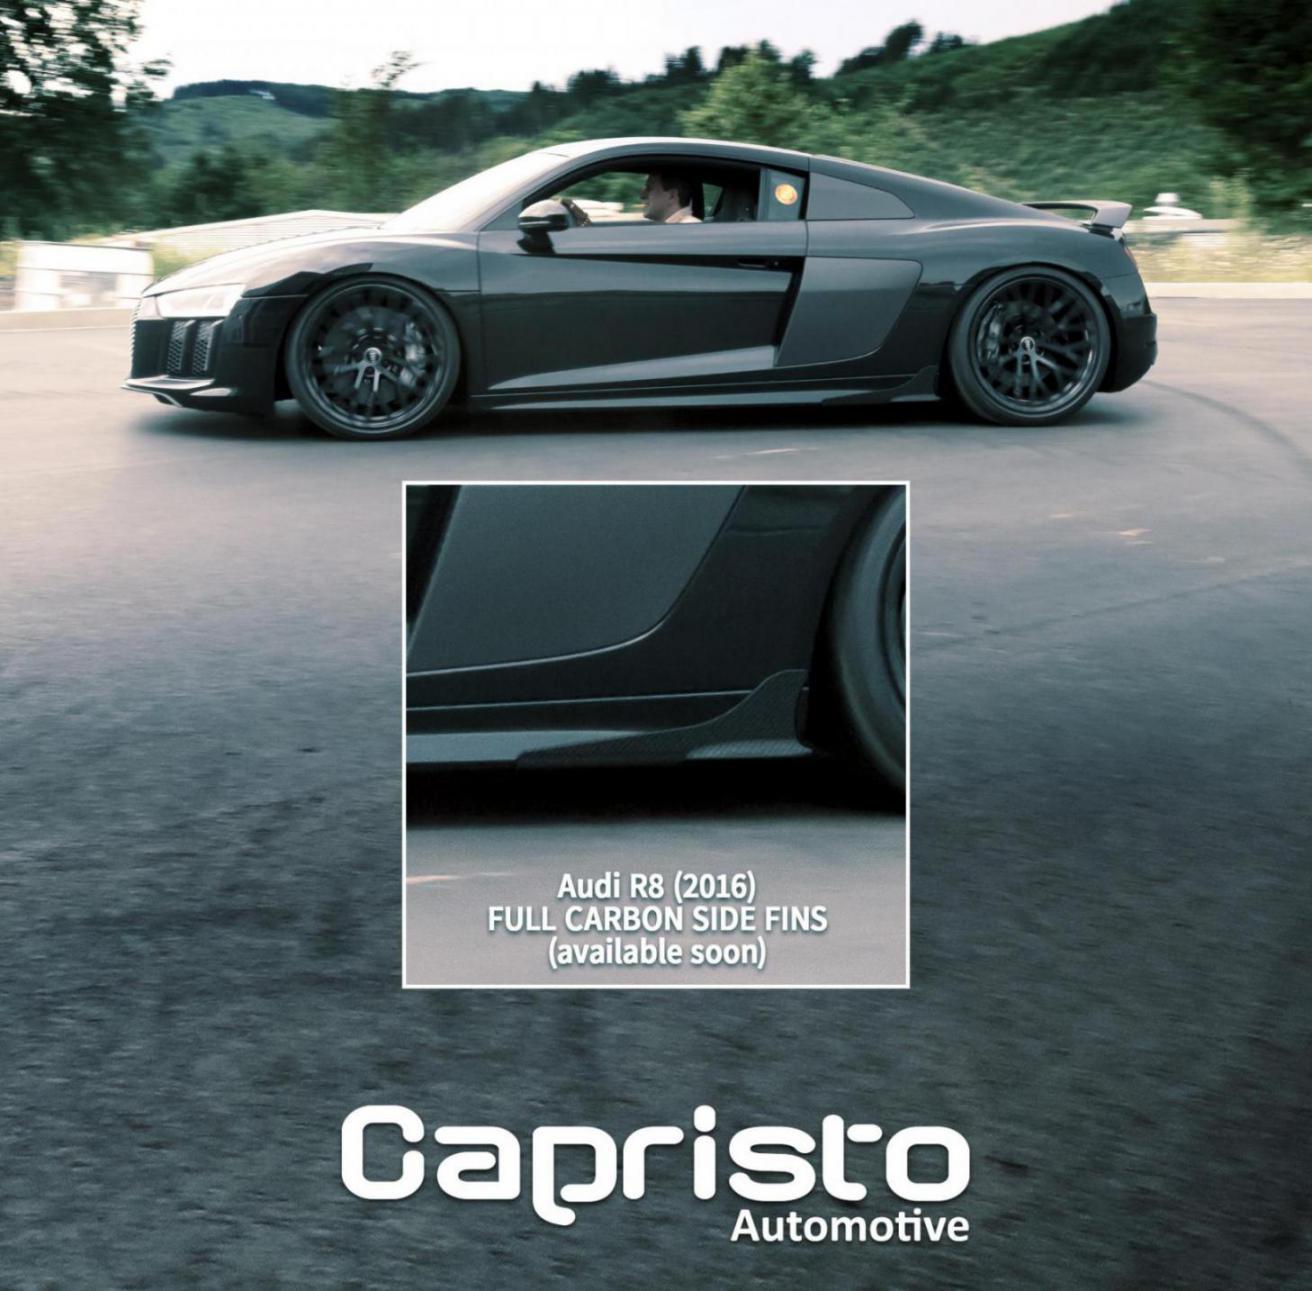 Capristo carbon fibre placeholder-image_1466790132036.jpeg